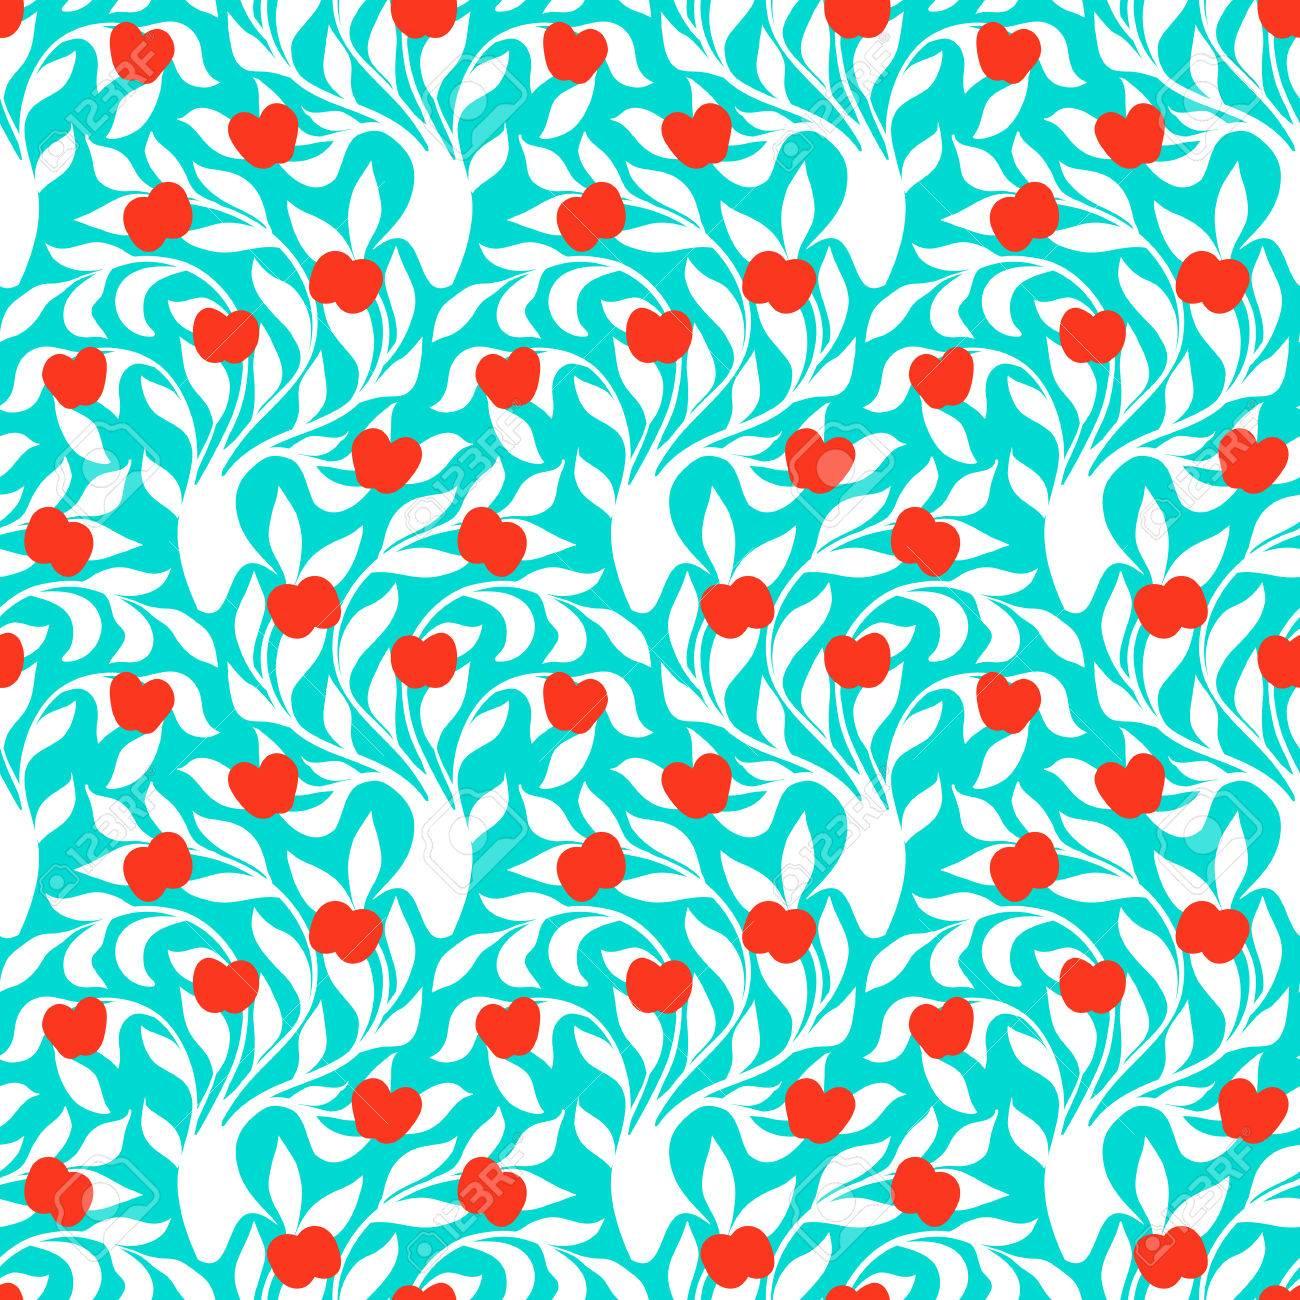 木のシルエット シームレスなパターンの葉し 青と白の色で赤いリンゴ